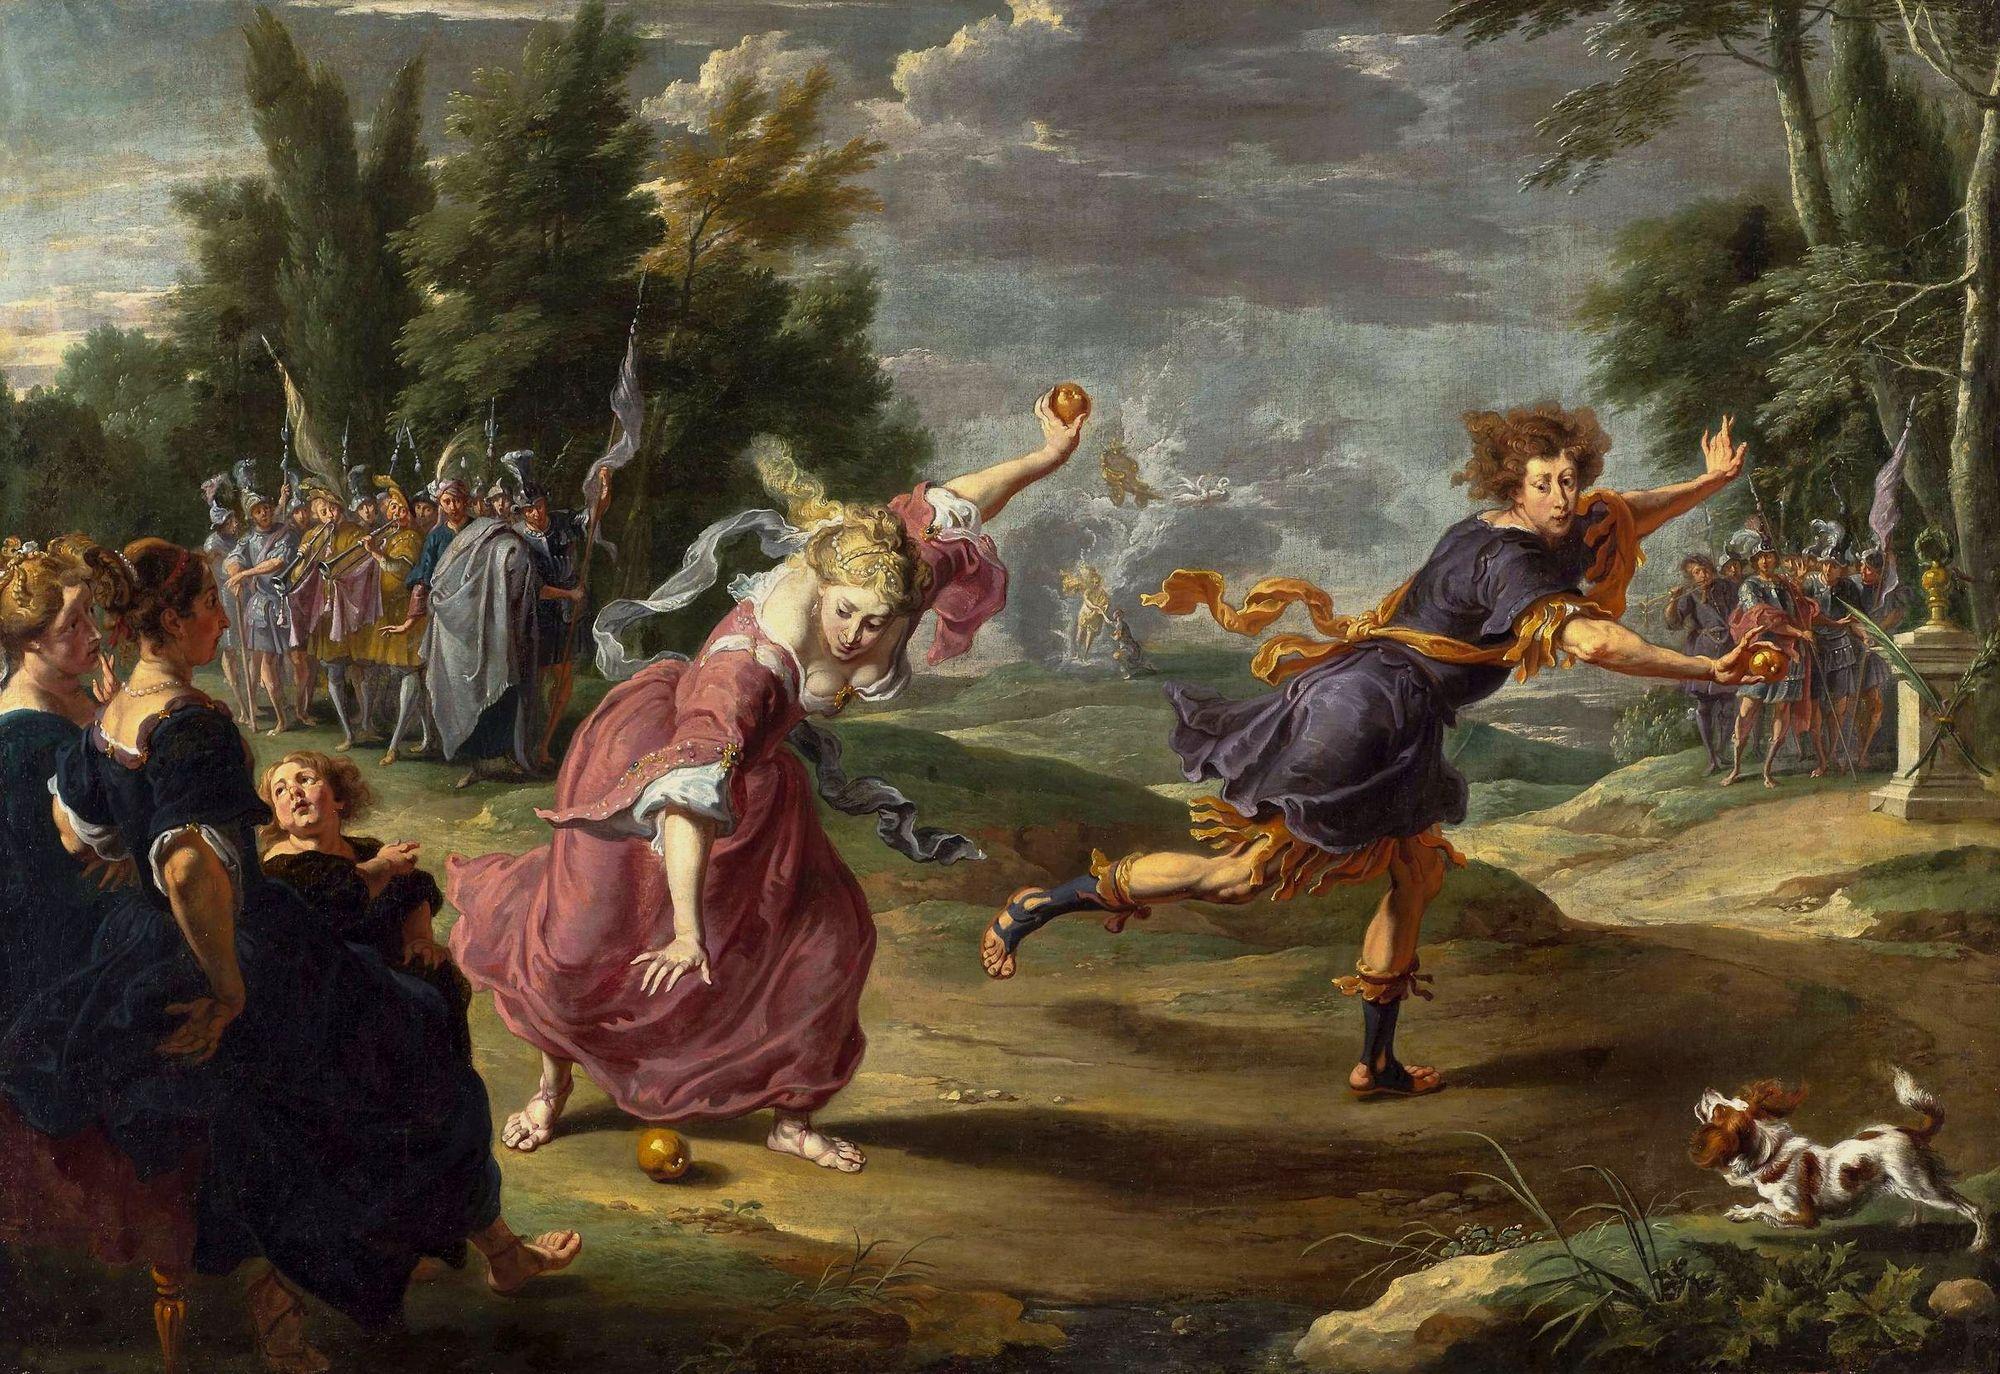 Atalanta compitiendo contra Hipómenes, mientras este deja caer las manzanas de oro que Afrodita la diosa del amor le había entregado para poder conseguir el objetivo de ganar en la carrera contra la veloz mujer. Pintura de Willem Van Herp.